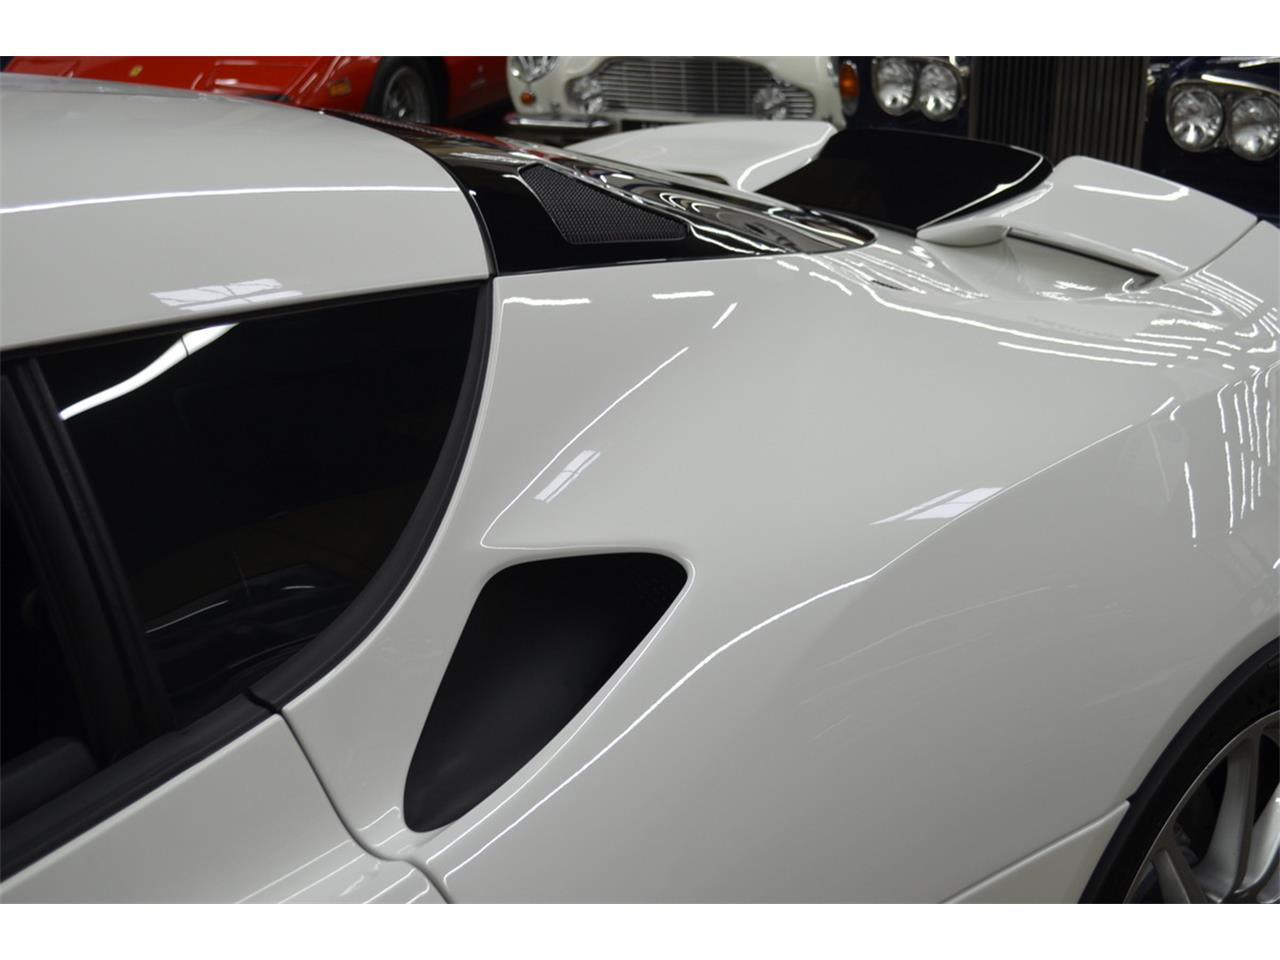 2020 Lotus Evora (CC-1411606) for sale in Huntington Station, New York